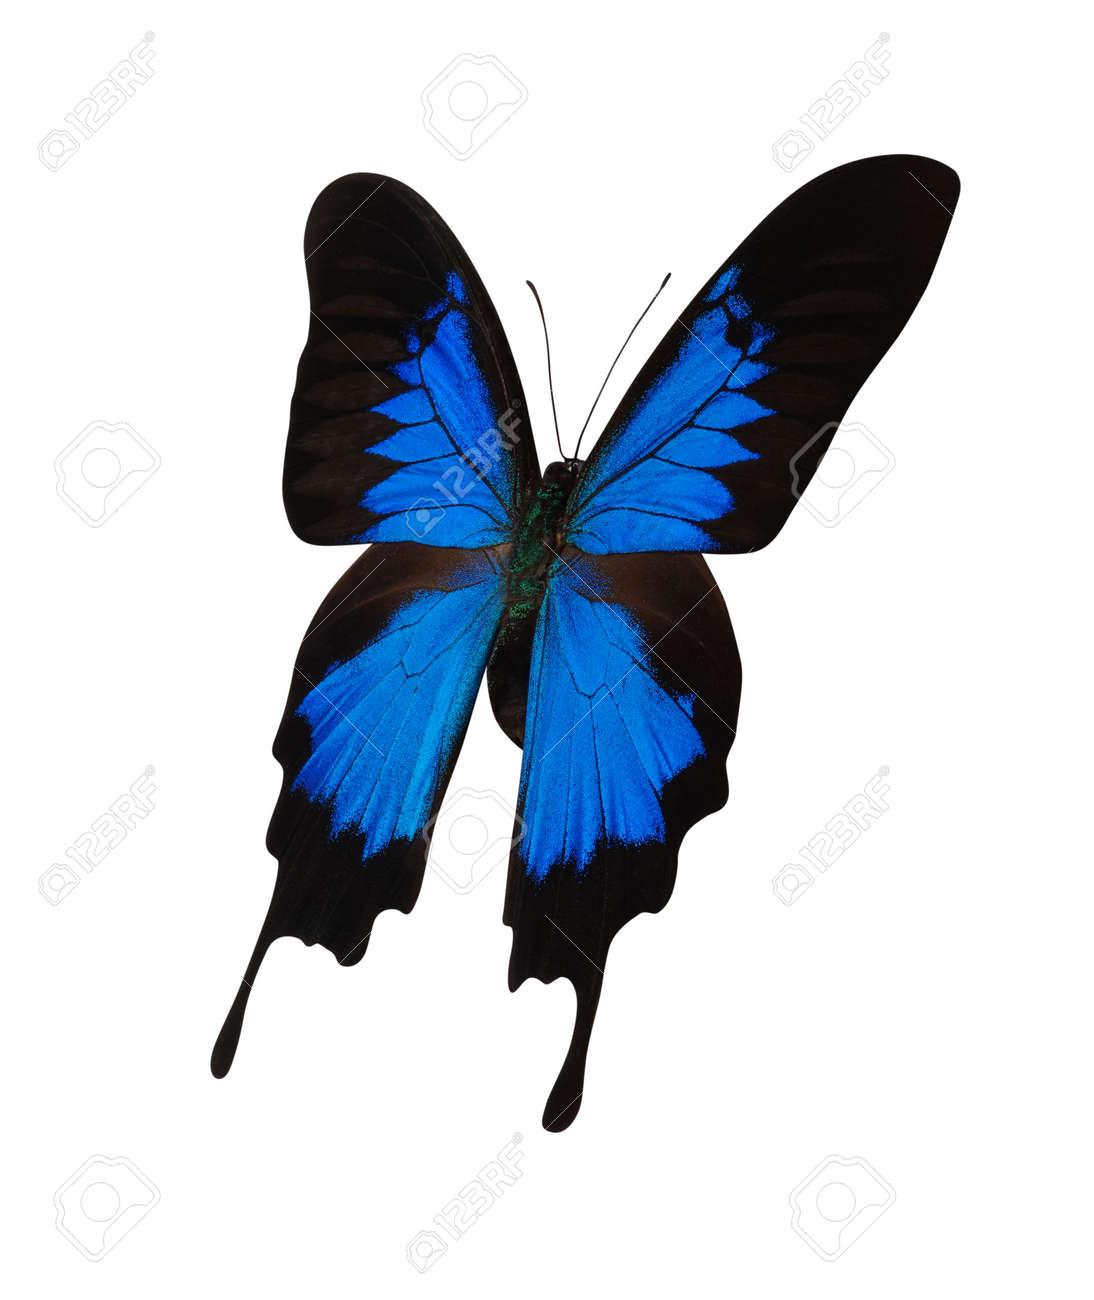 Immagini Stock Farfalla Blu Isolato Su Sfondo Bianco Image 48328168